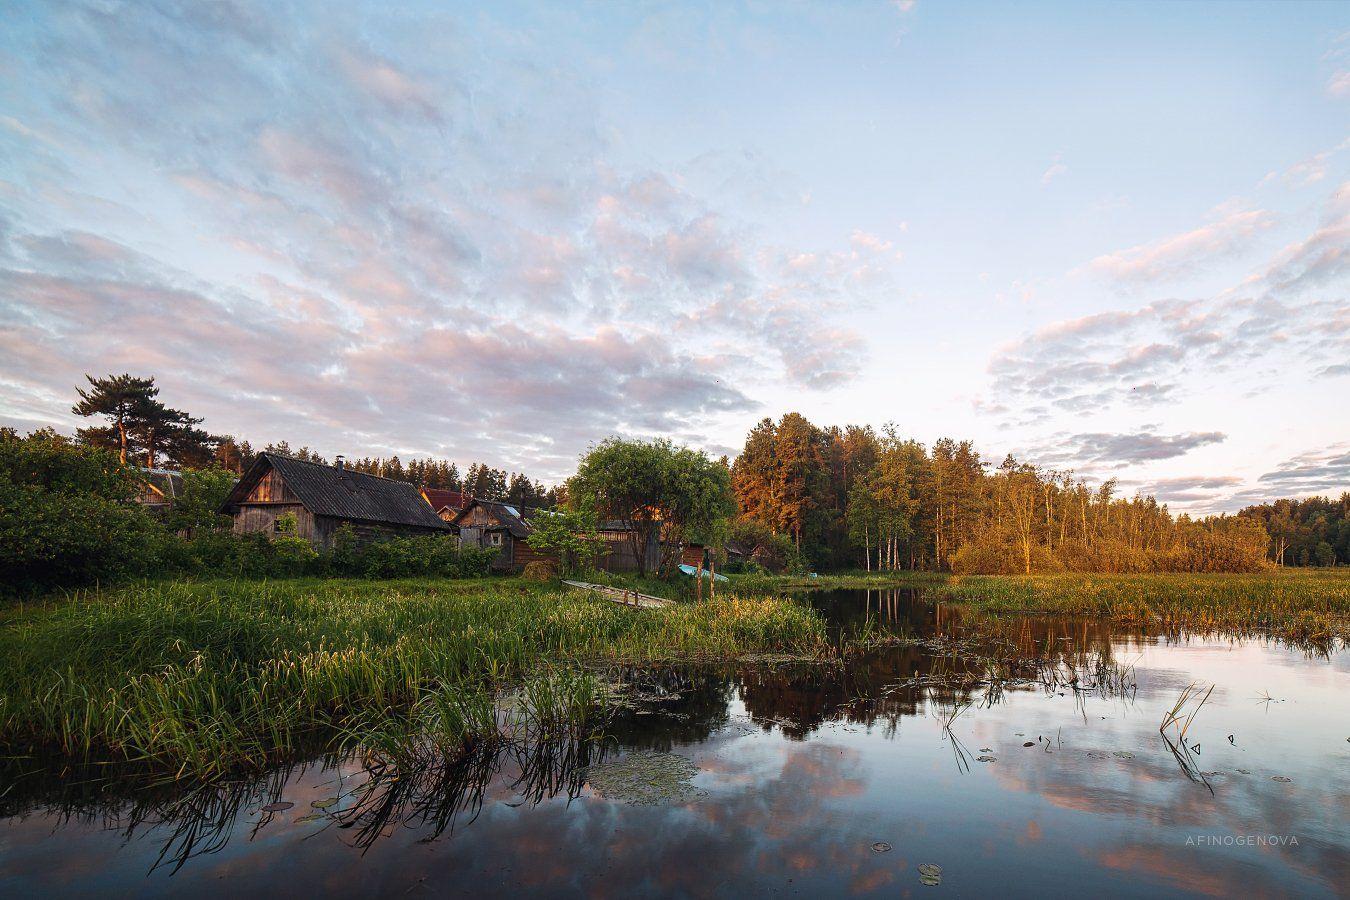 лето утро деревня лес вода отражение, Афиногенова Татьяна